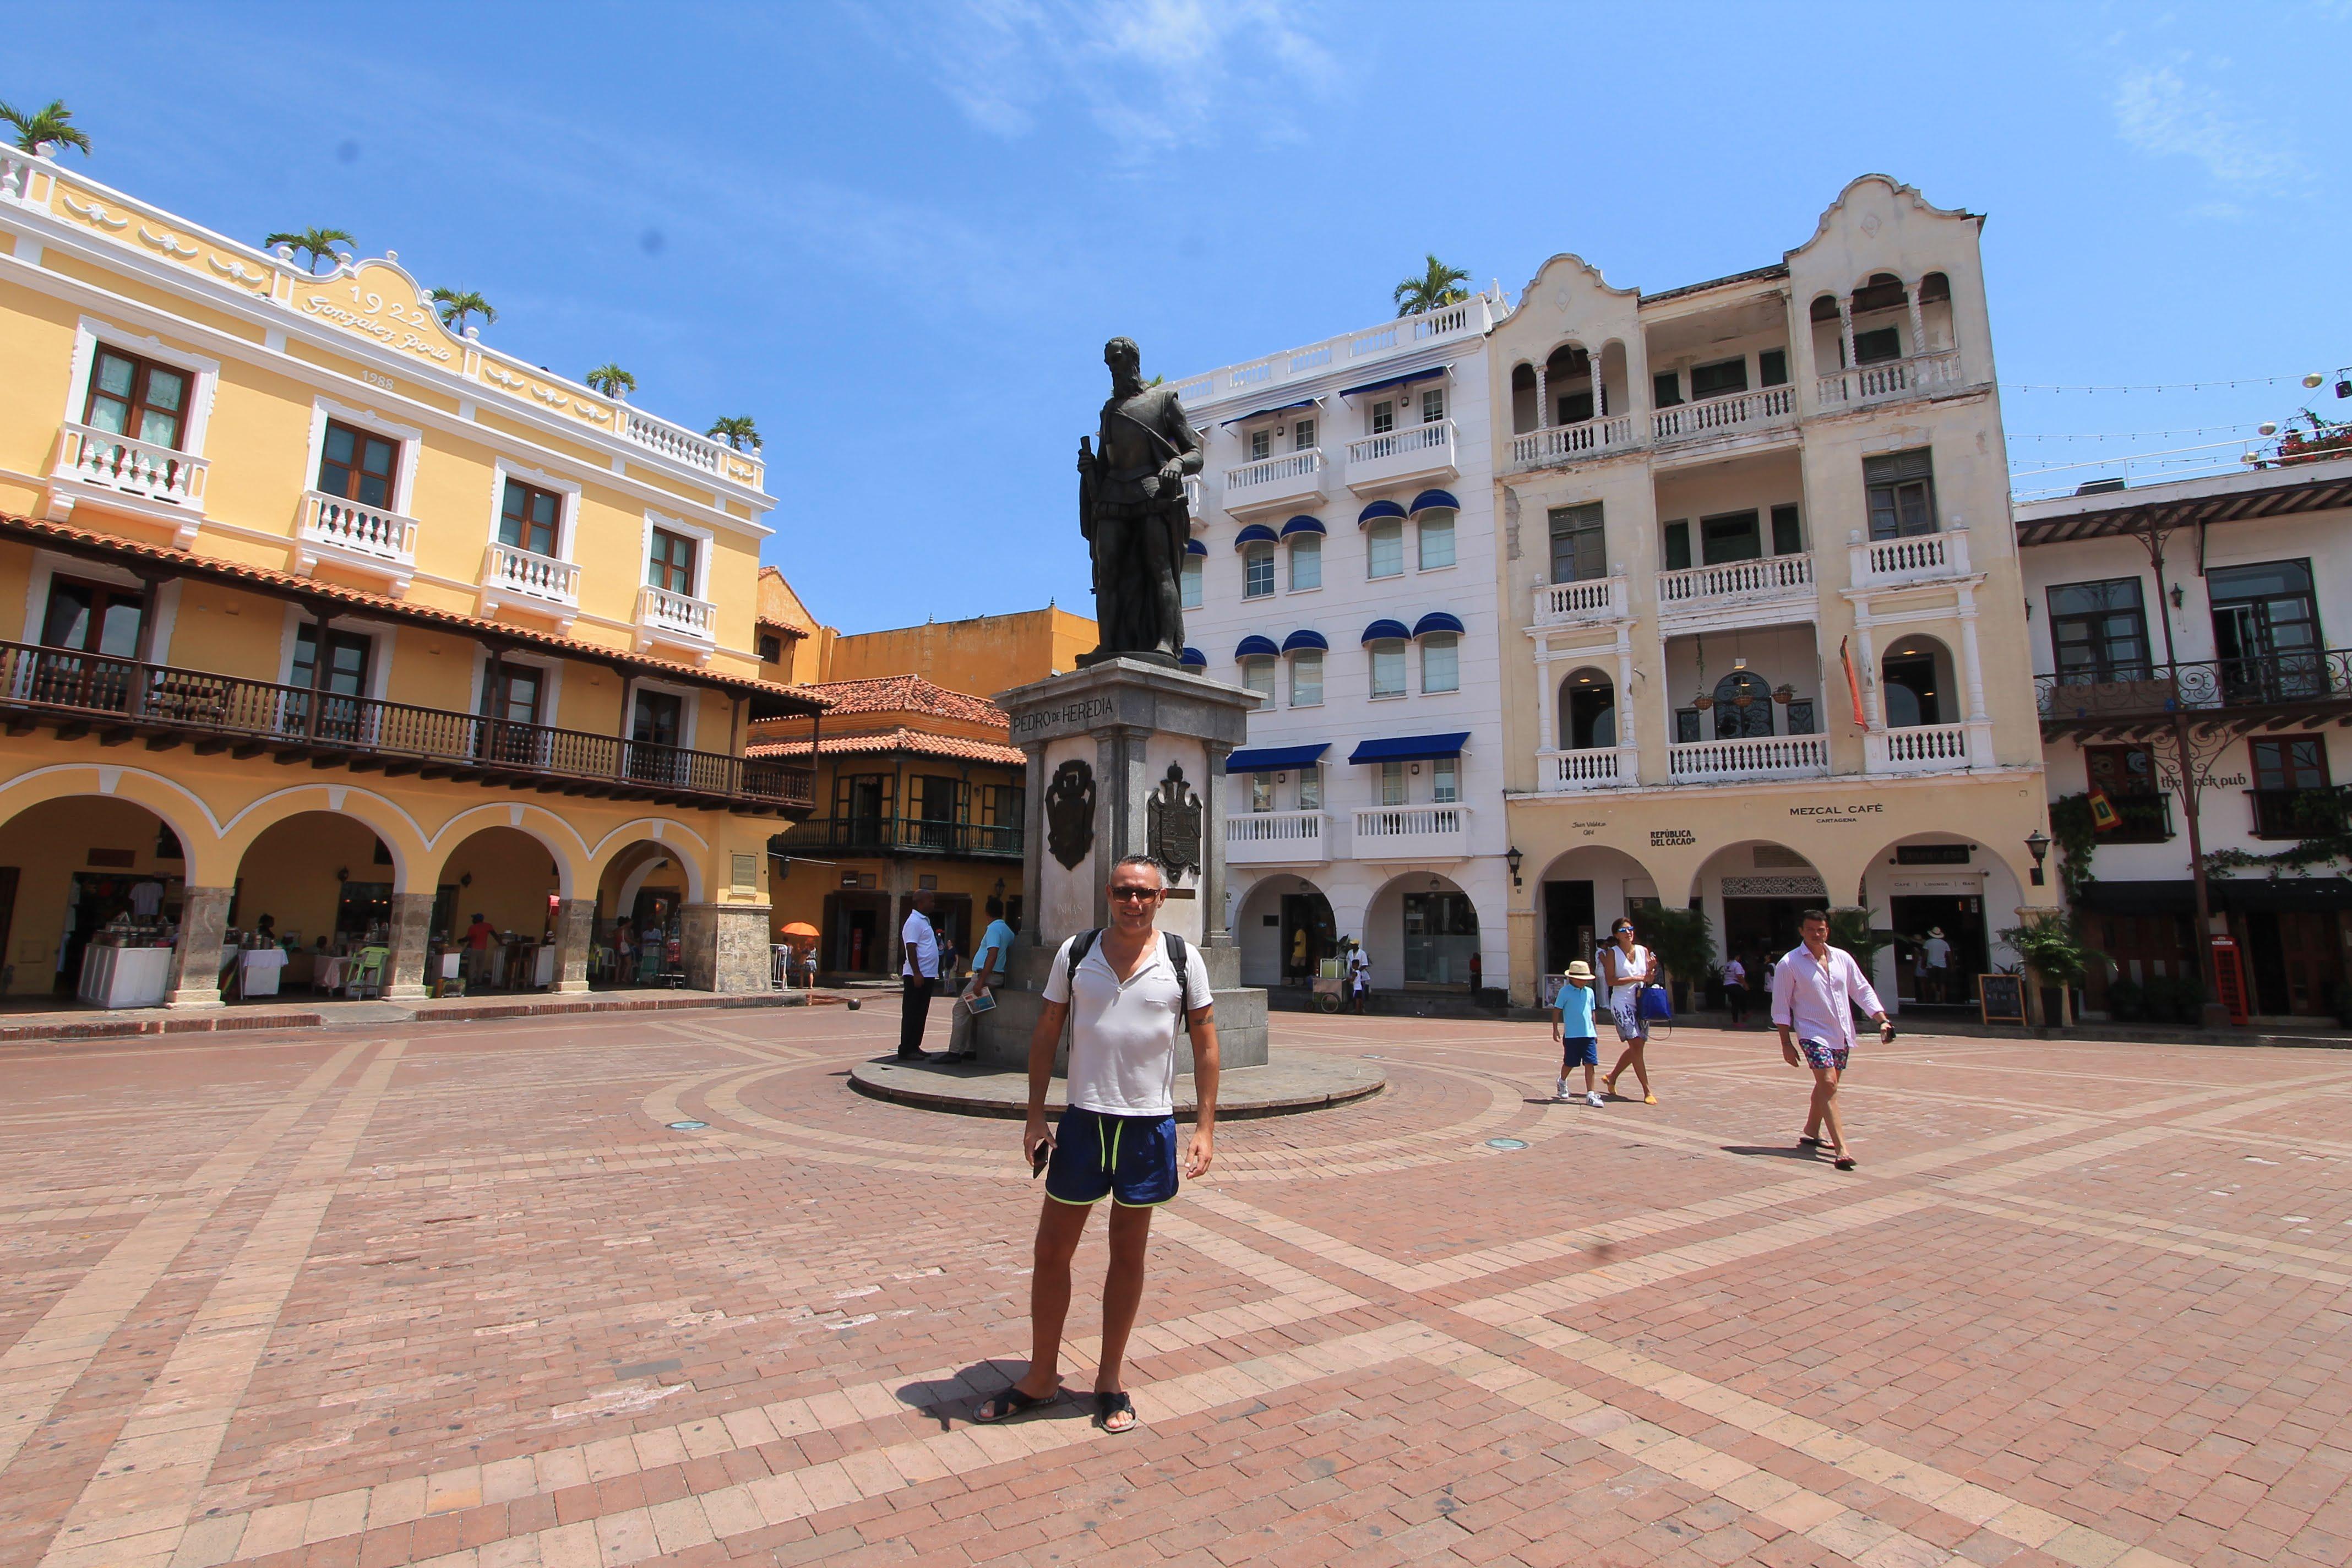 Cartagena, Colombia Plaza de los Coches